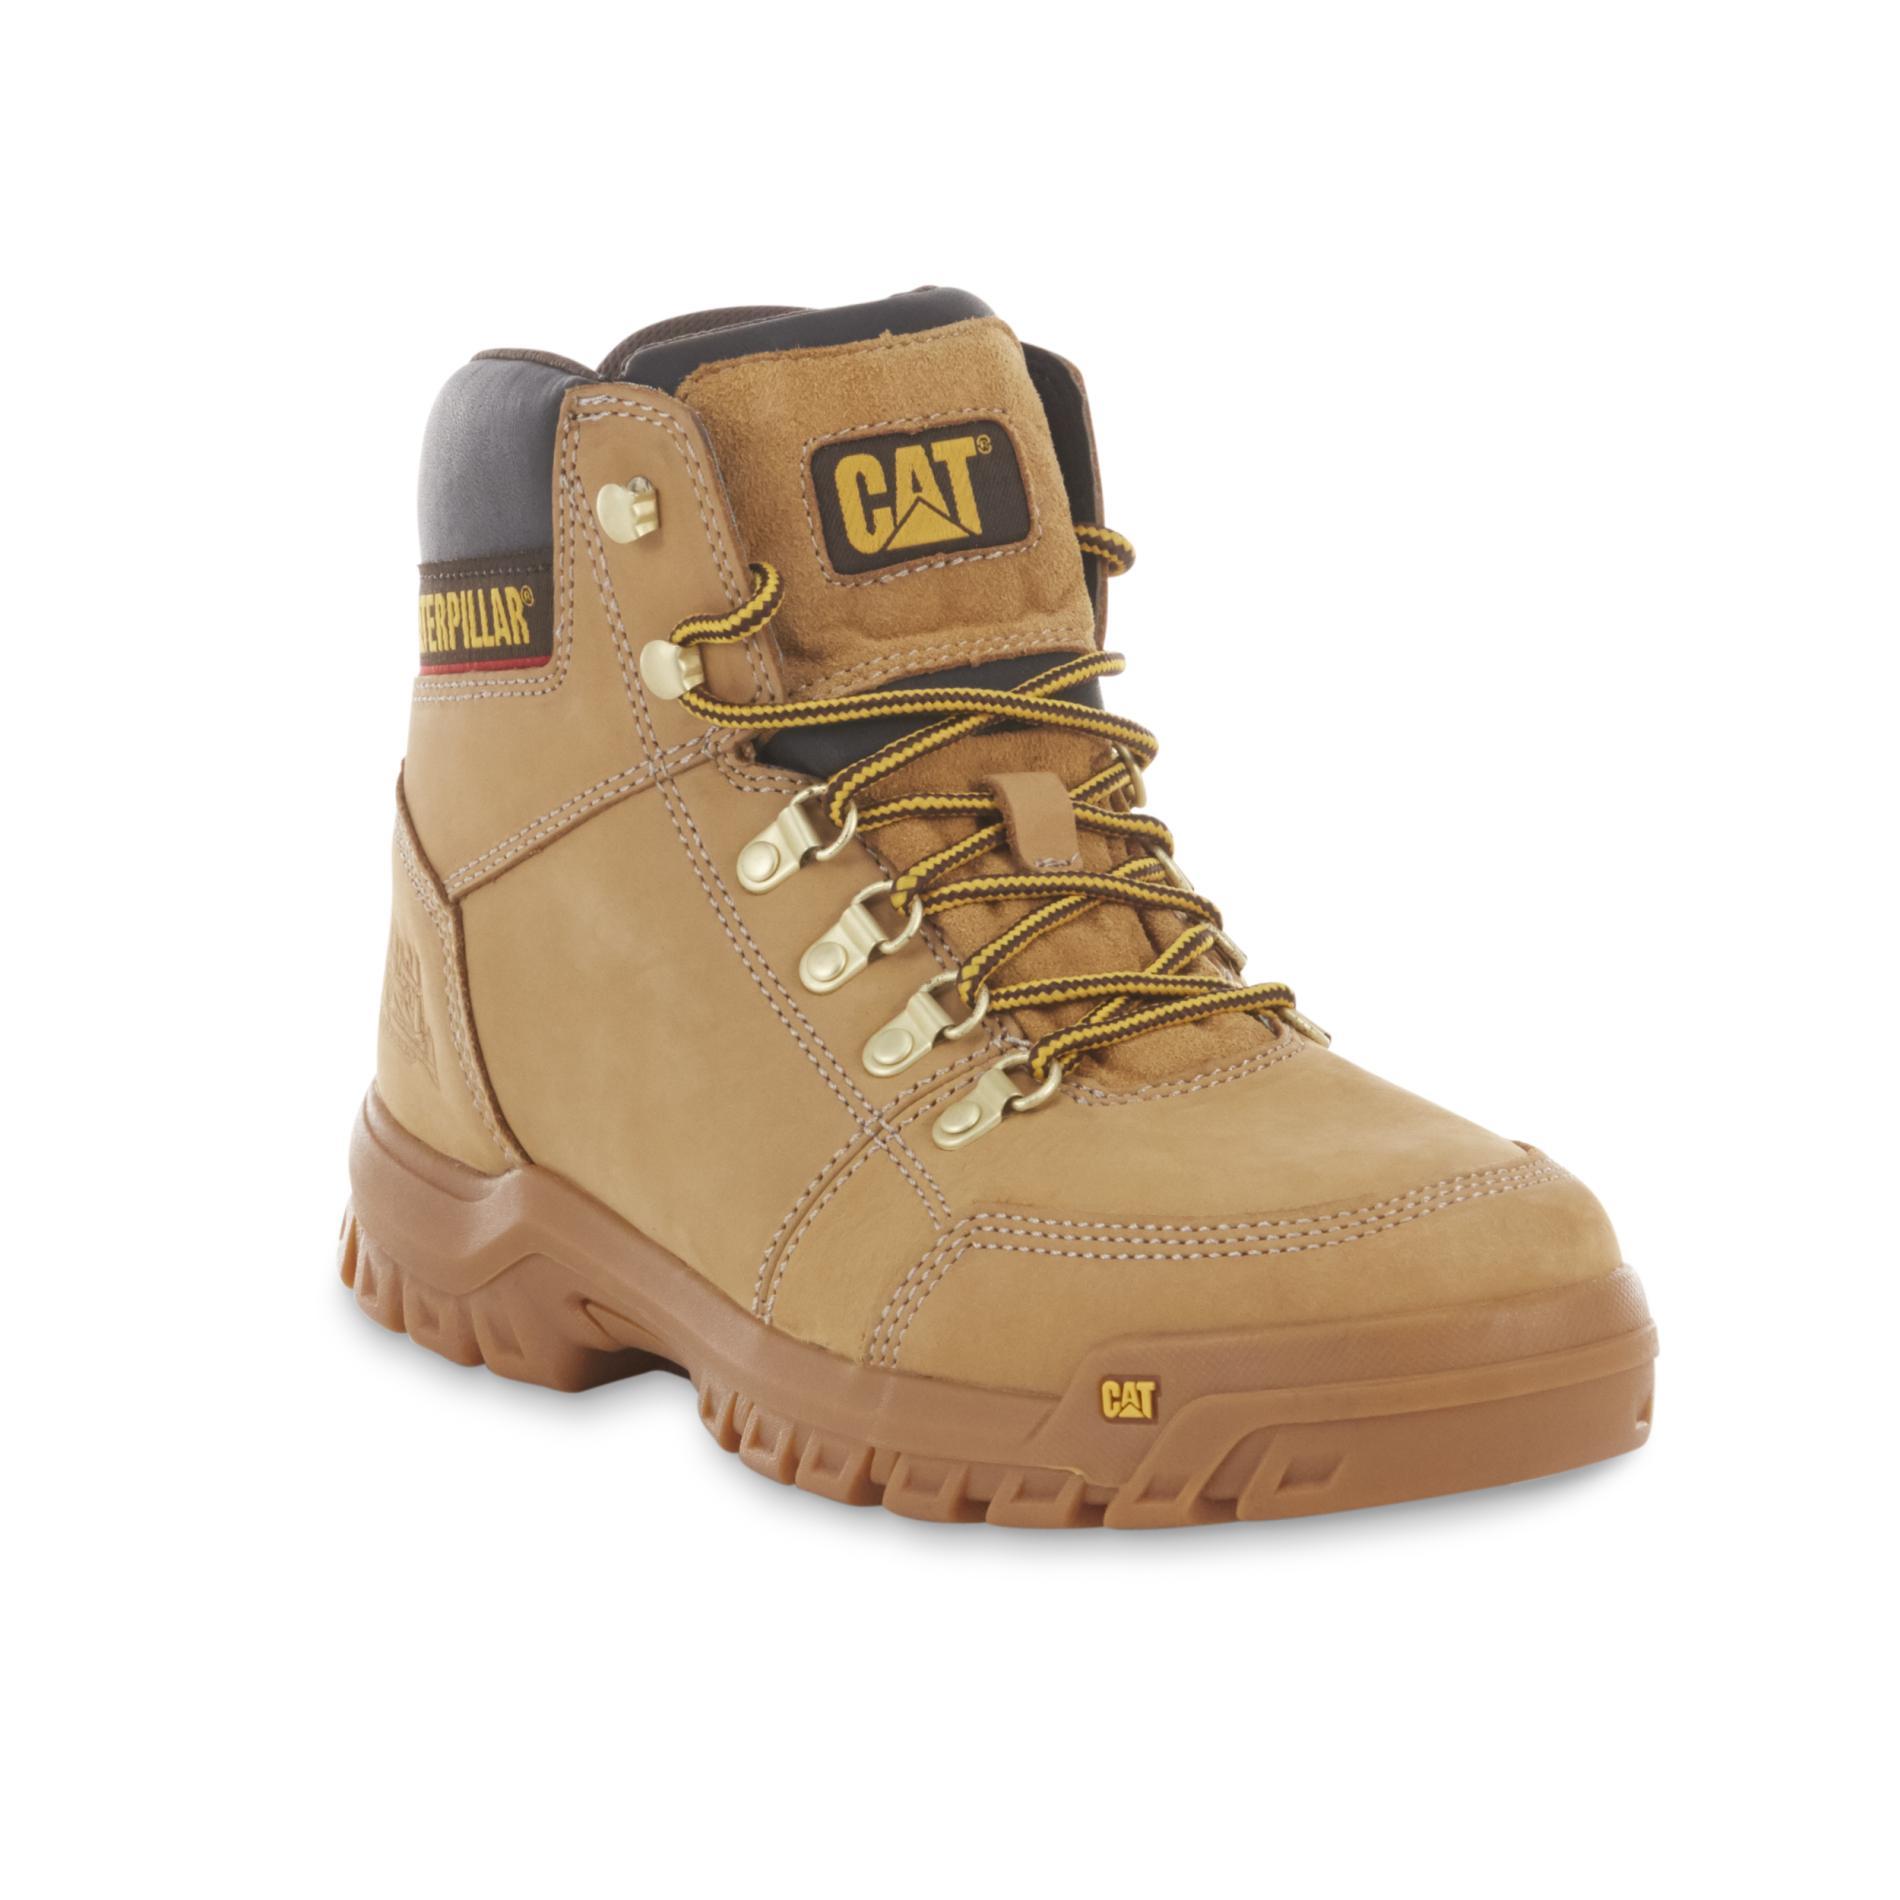 cat shoes cat footwear menu0027s outline 6 BDREZKC